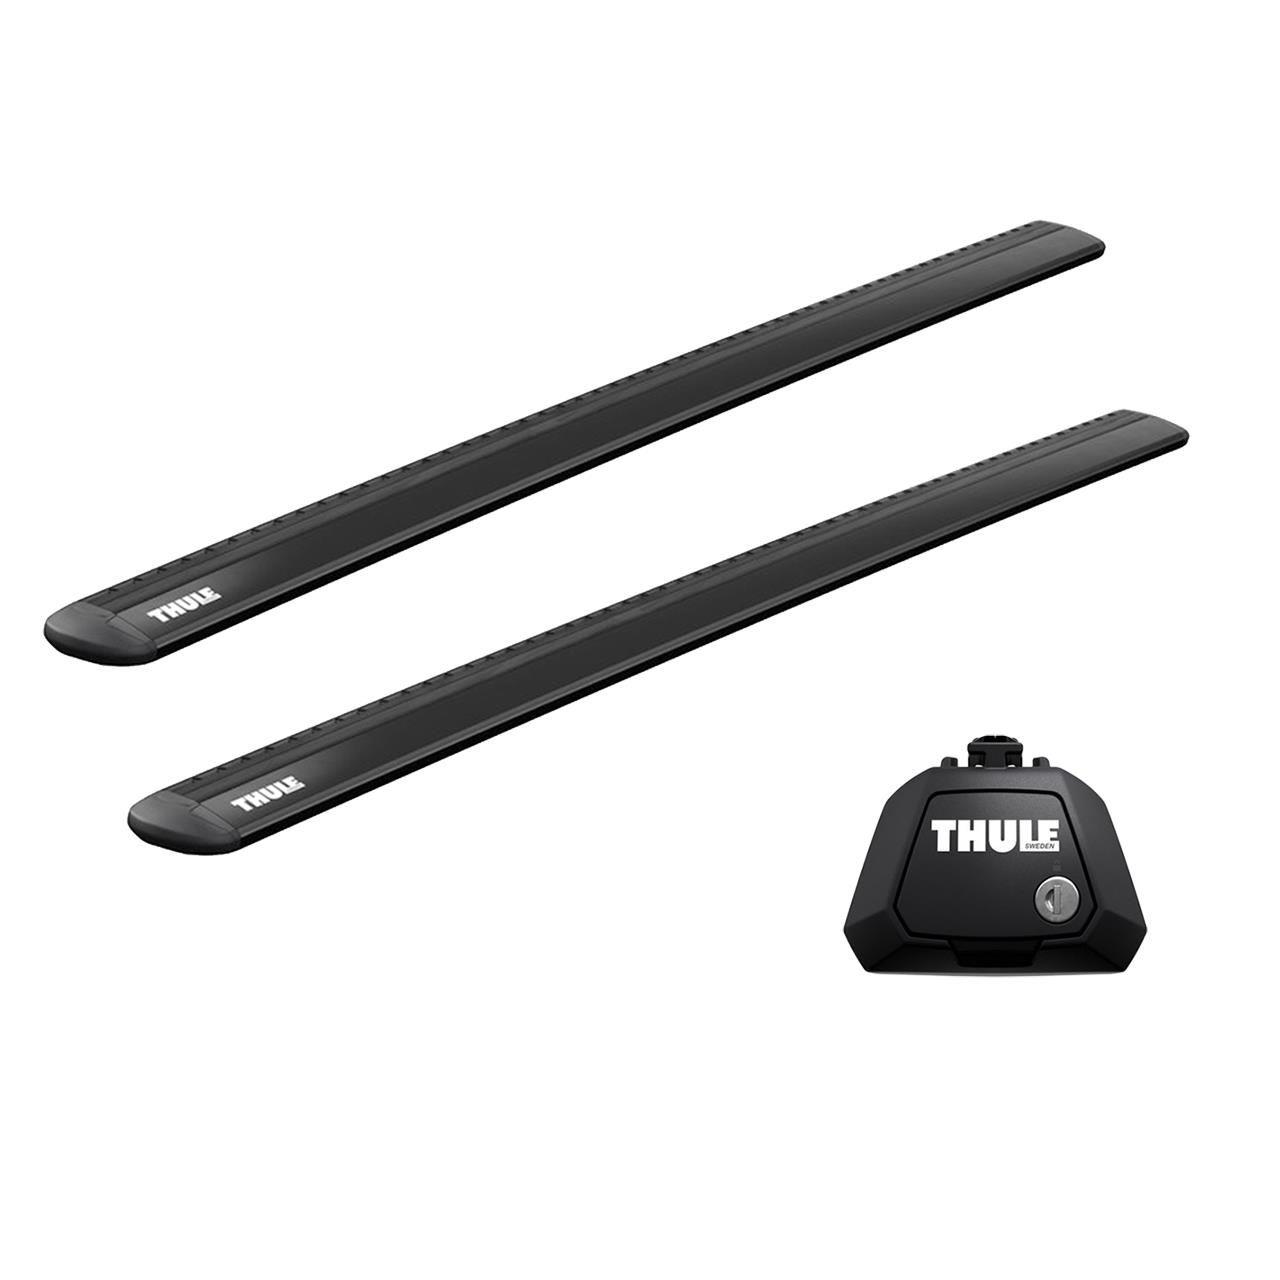 Напречни греди Thule Evo Raised Rail WingBar Evo 127cm в Черно за INFINITI QX70 5 врати SUV 2013- с фабрични надлъжни греди с просвет 1